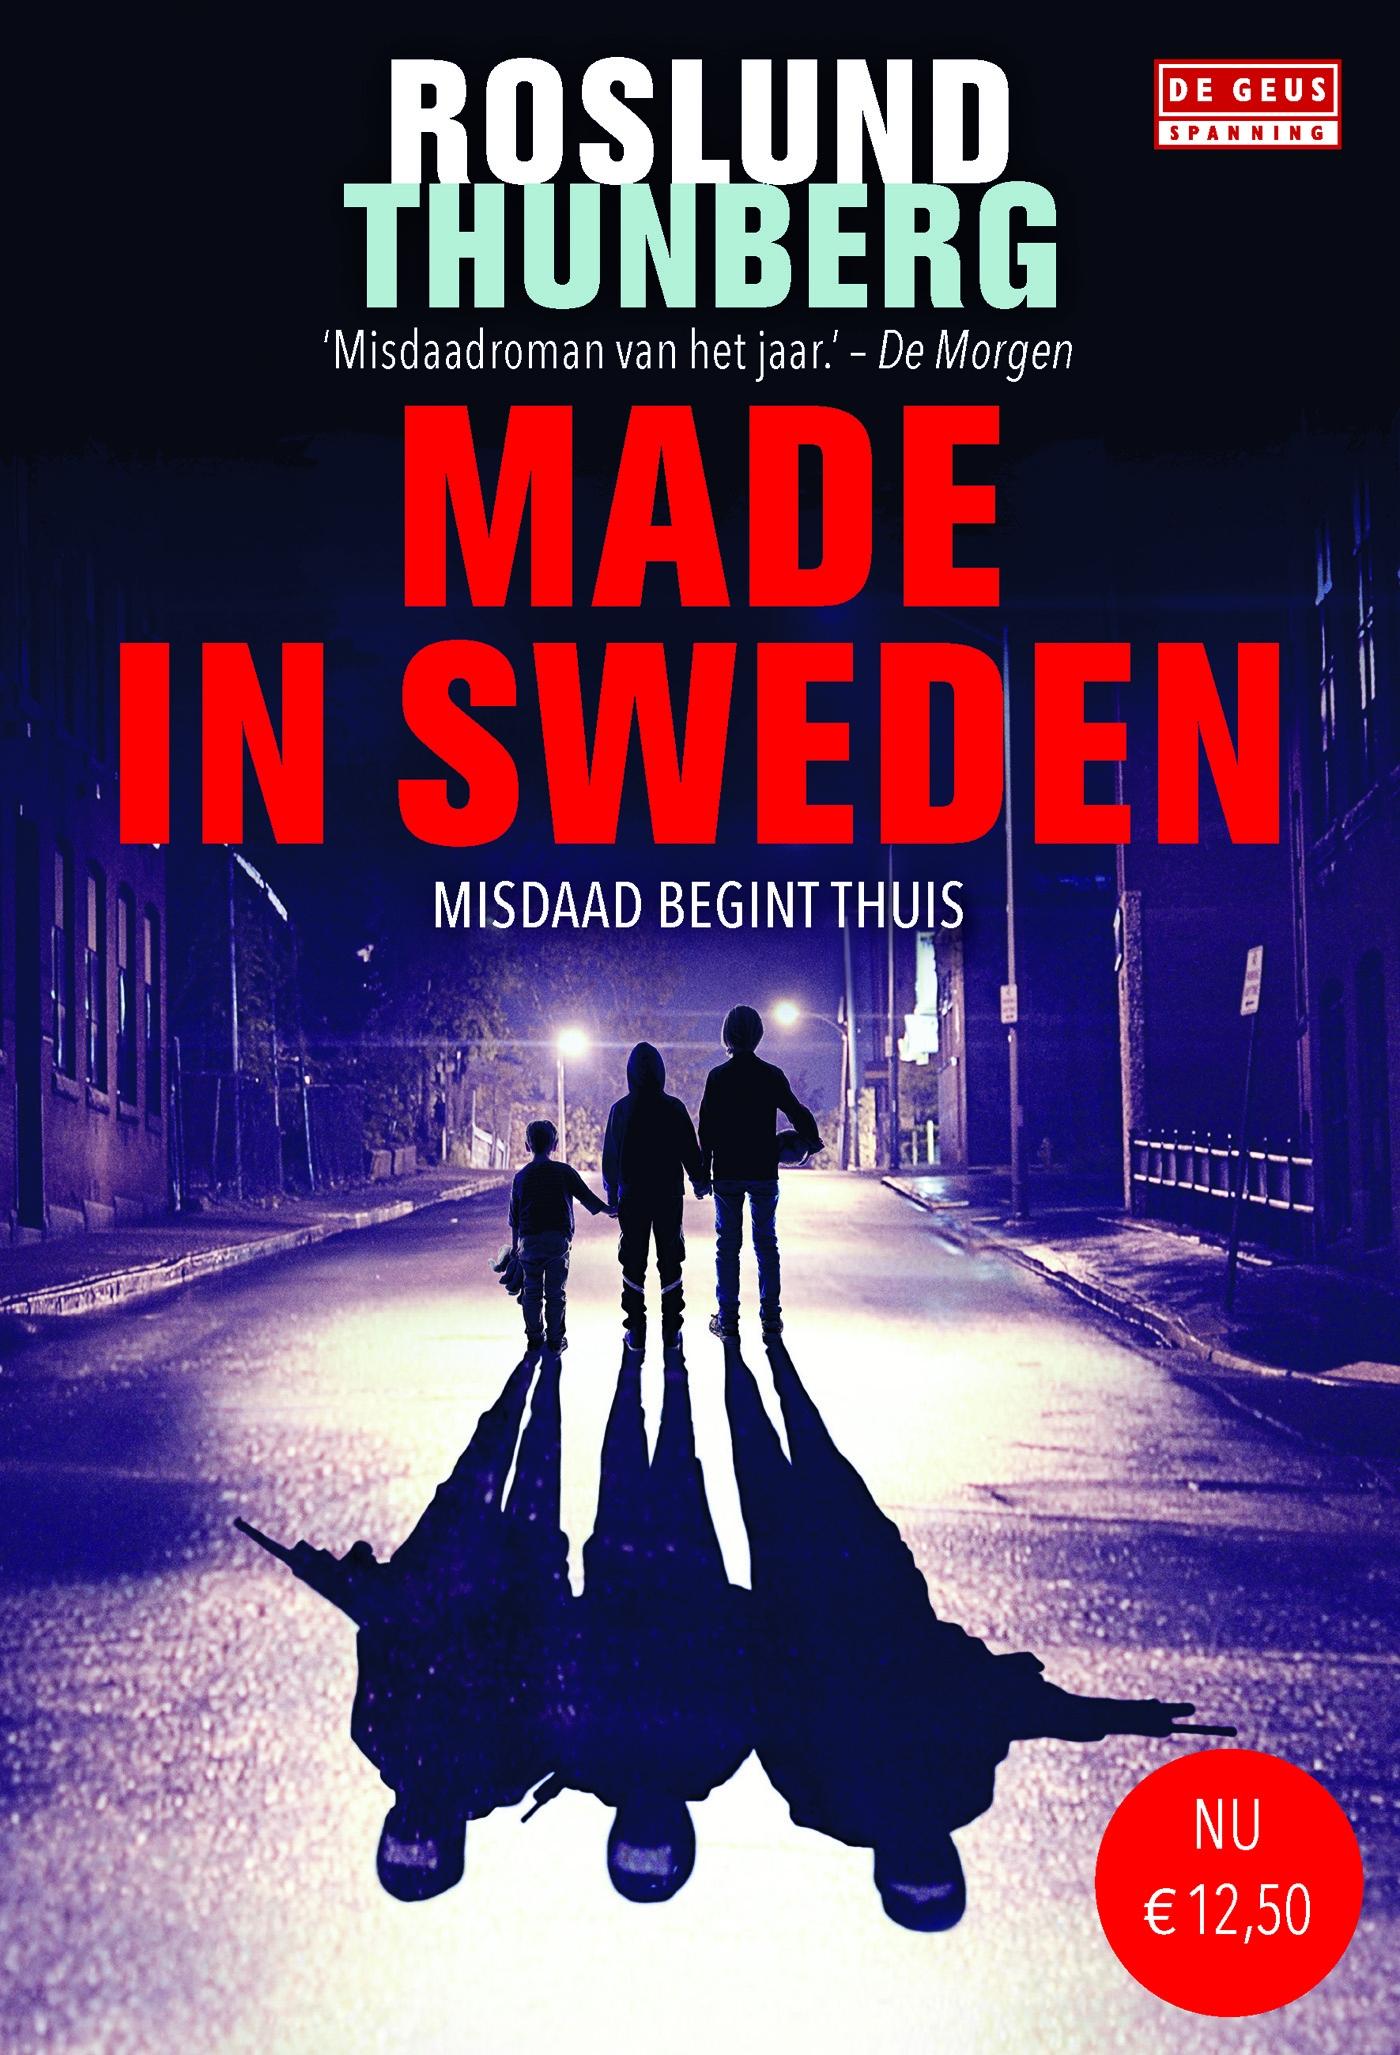 Made in Sweden – Roslund & Thunberg